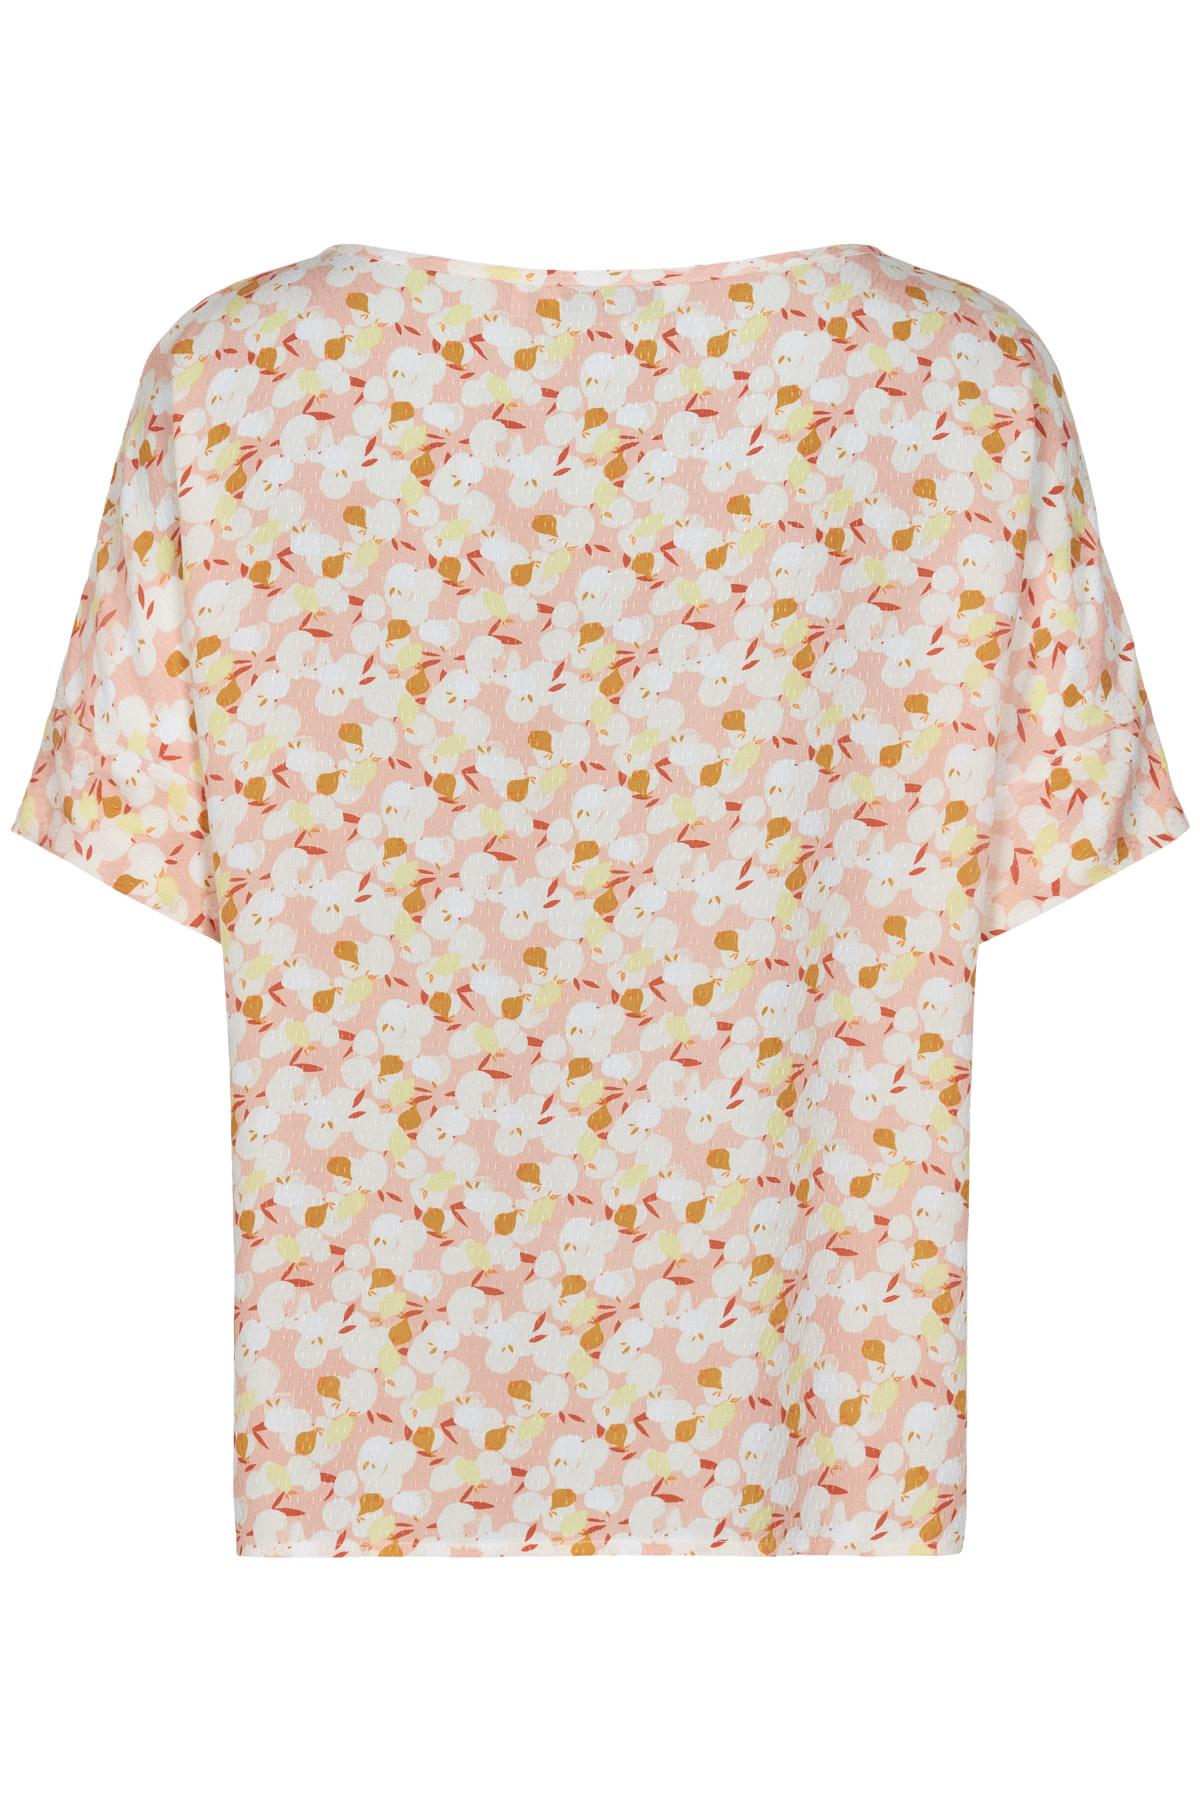 Nümph Babette blouse